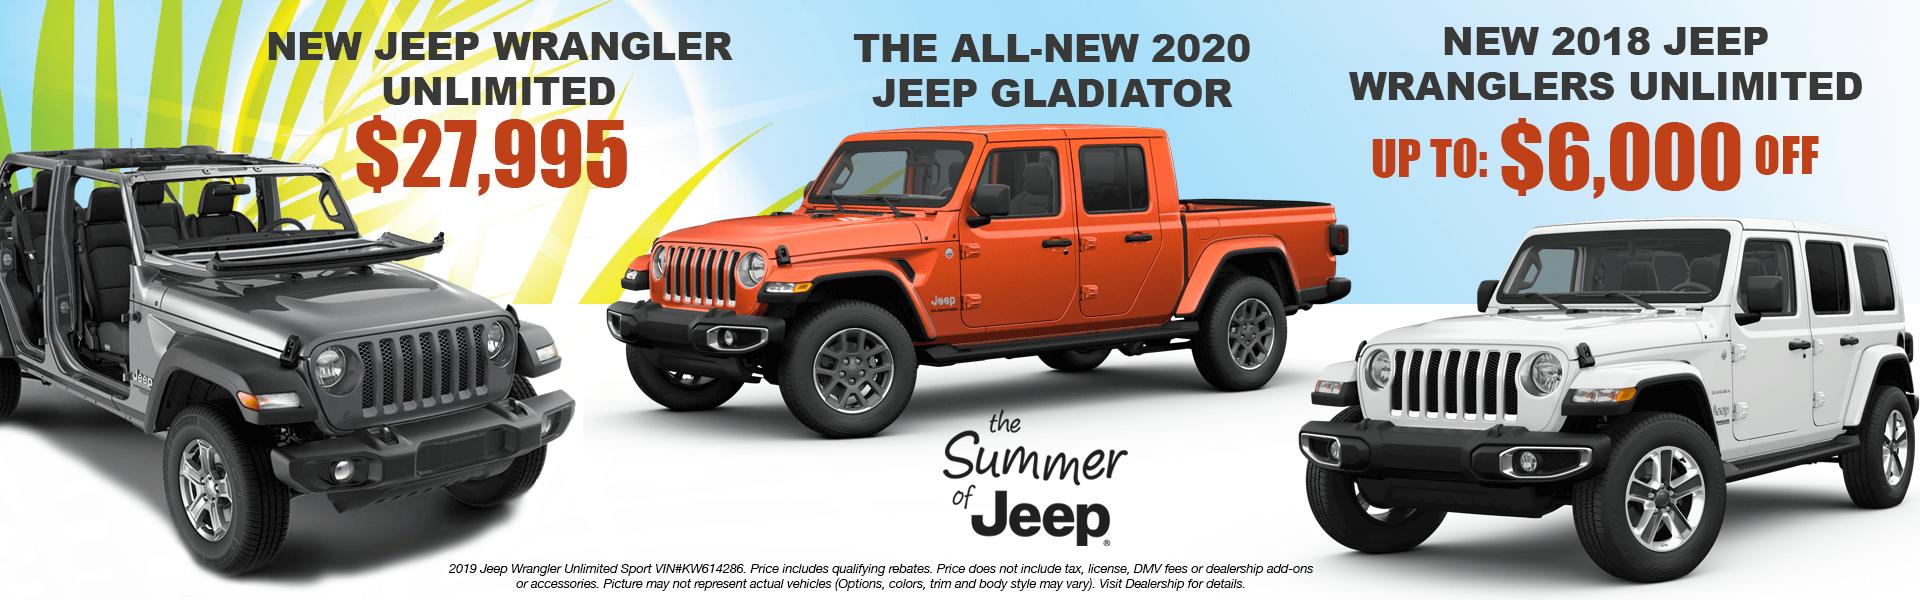 Chrysler Dodge Jeep Ram Dealer | Alhambra & San Gabriel Valley